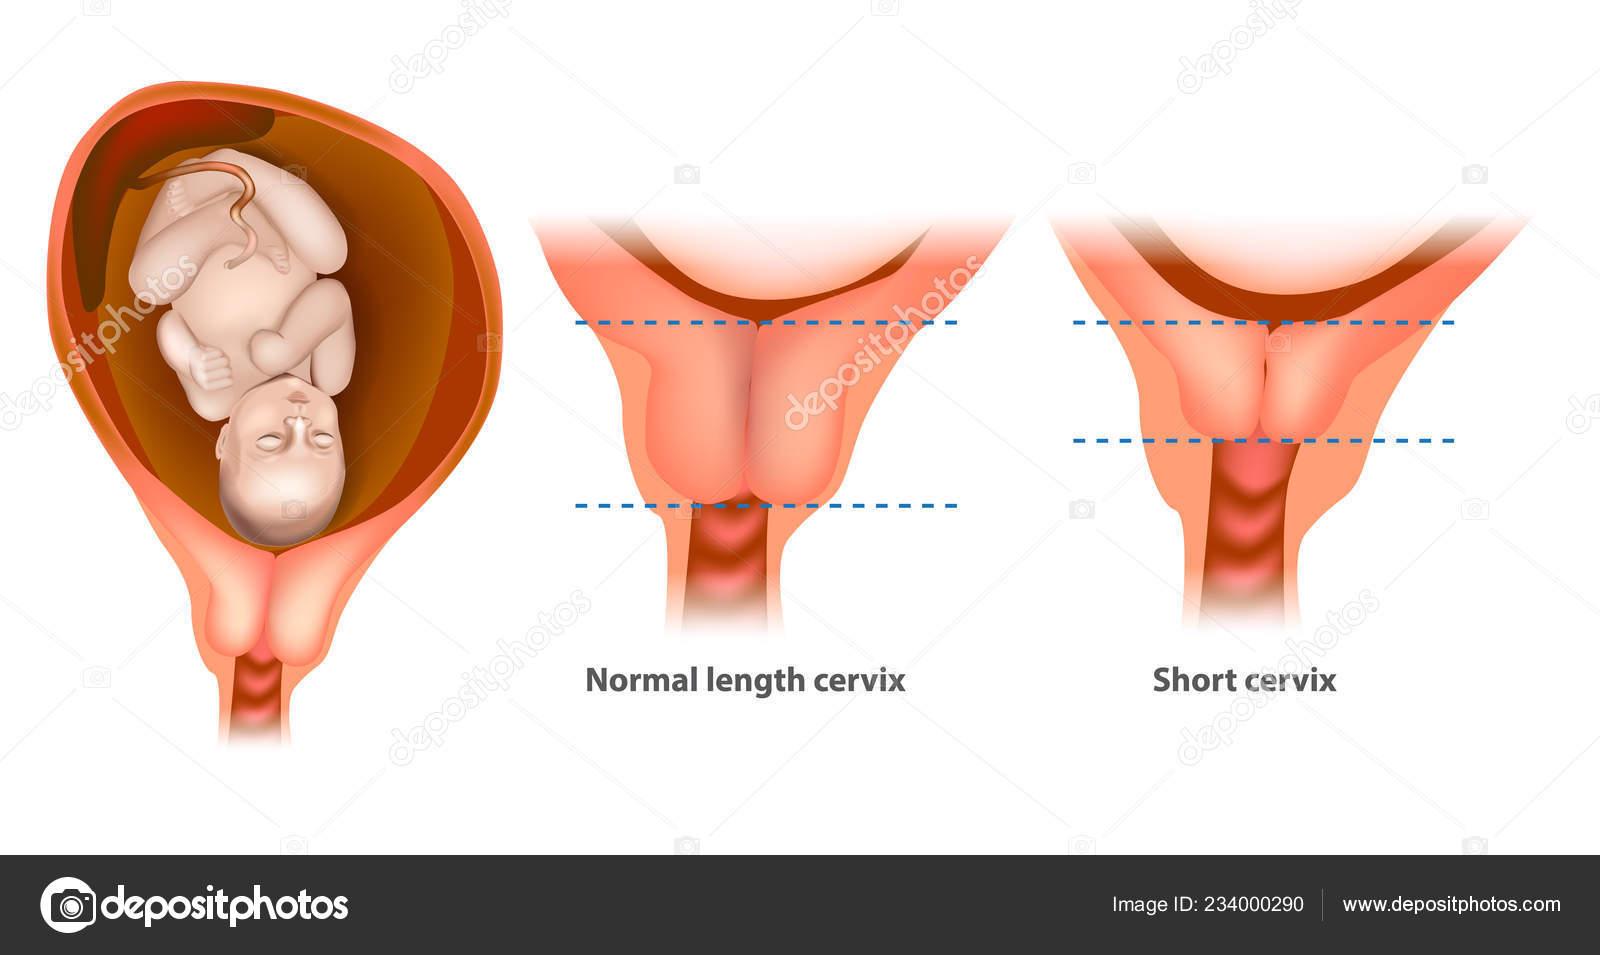 Länge Gebärmutterhals 37 Ssw